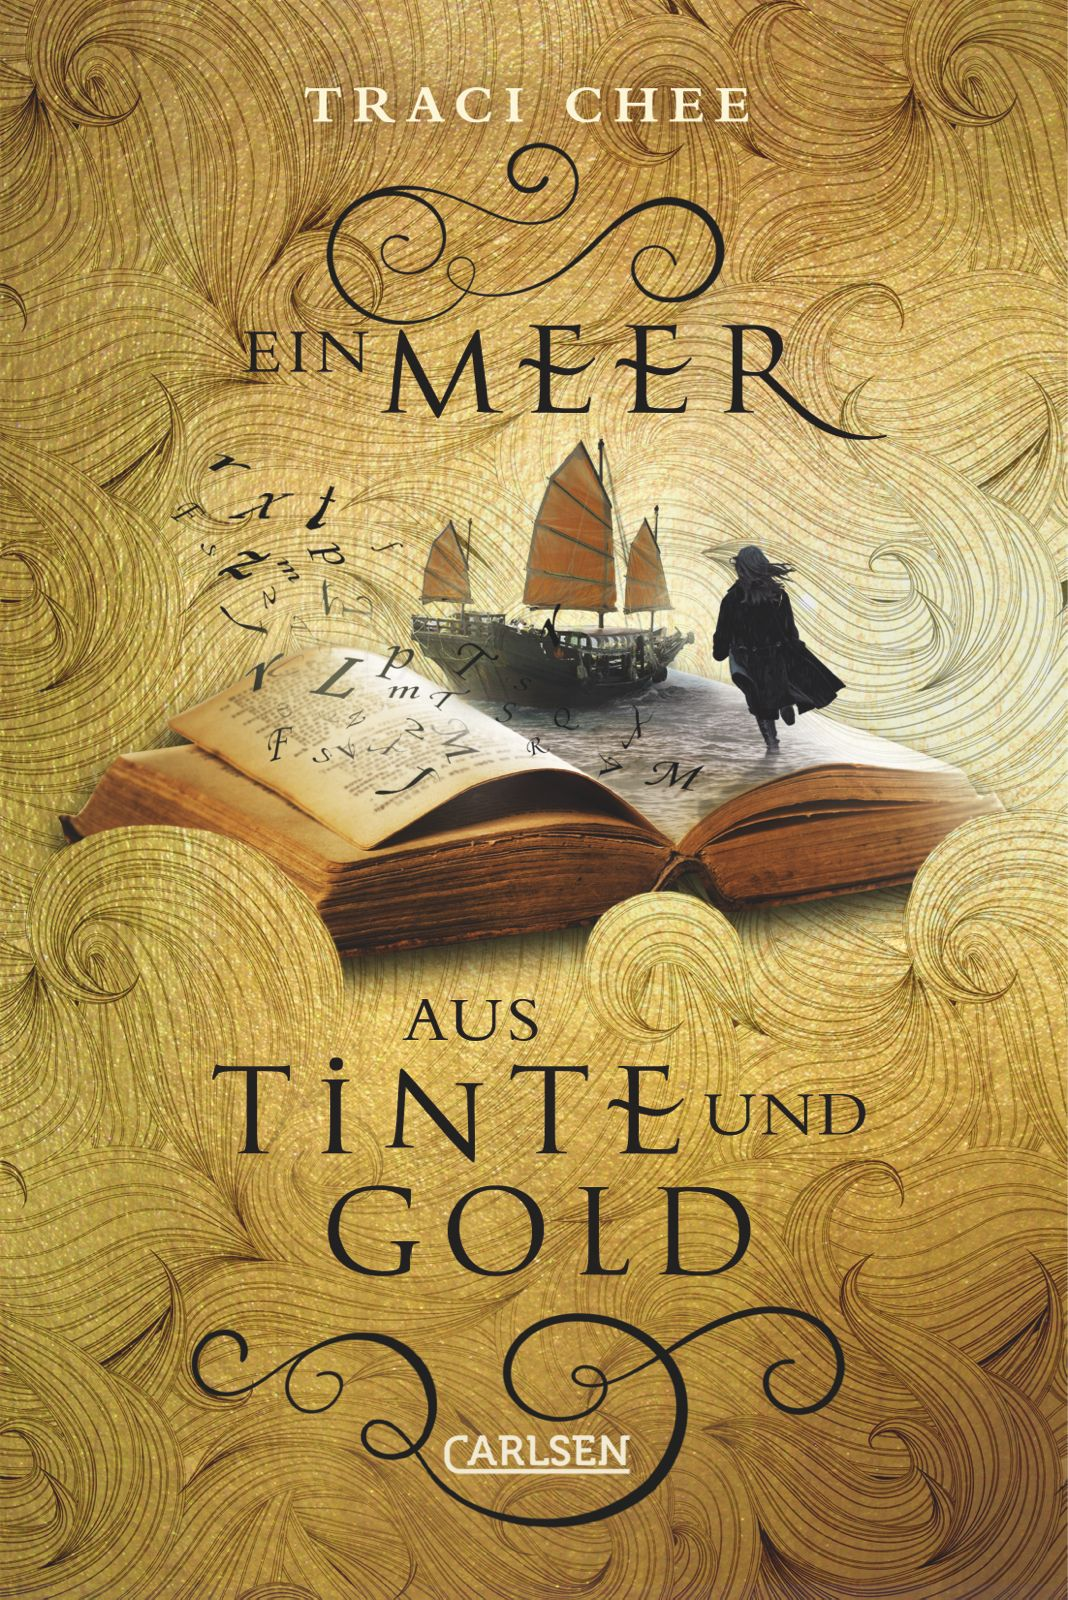 German The Reader By Traci Chee Bucher Bucher Neuerscheinungen